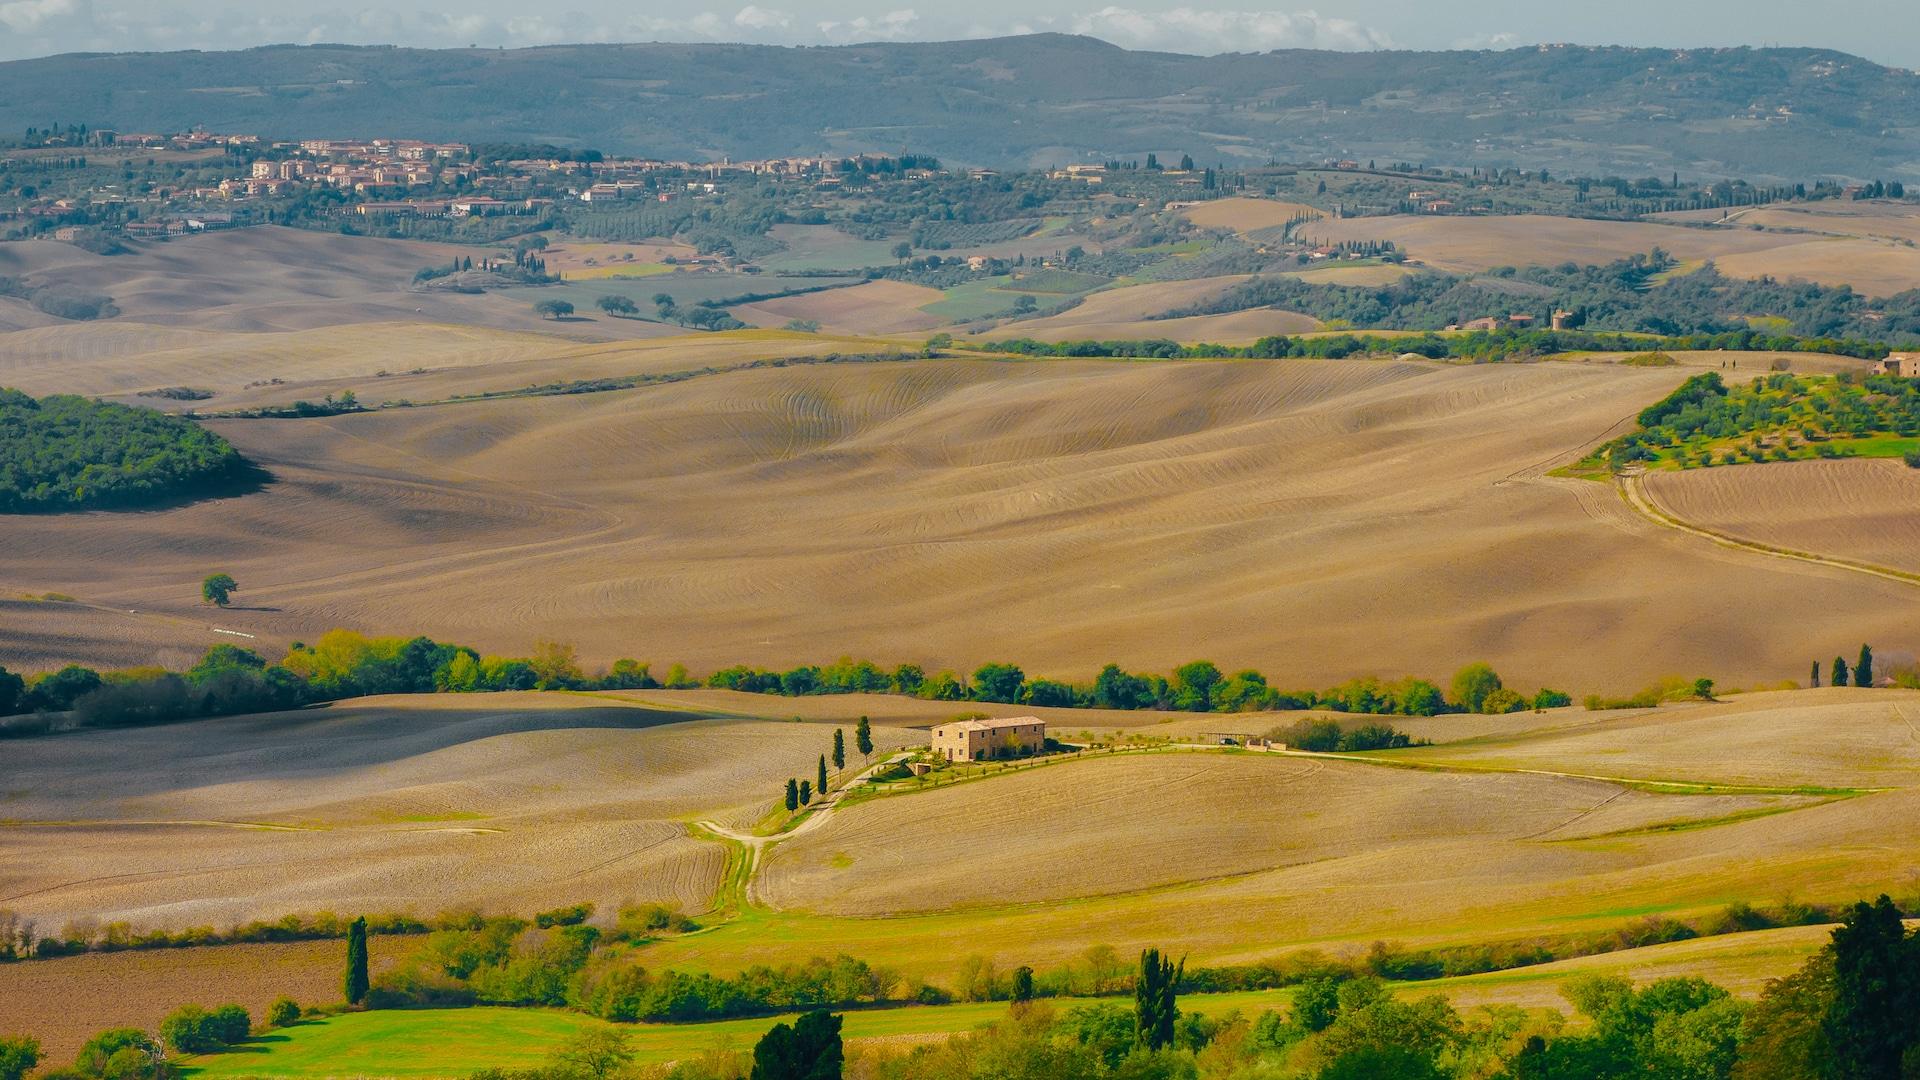 Montepulciano-tolga-kilinc-183453